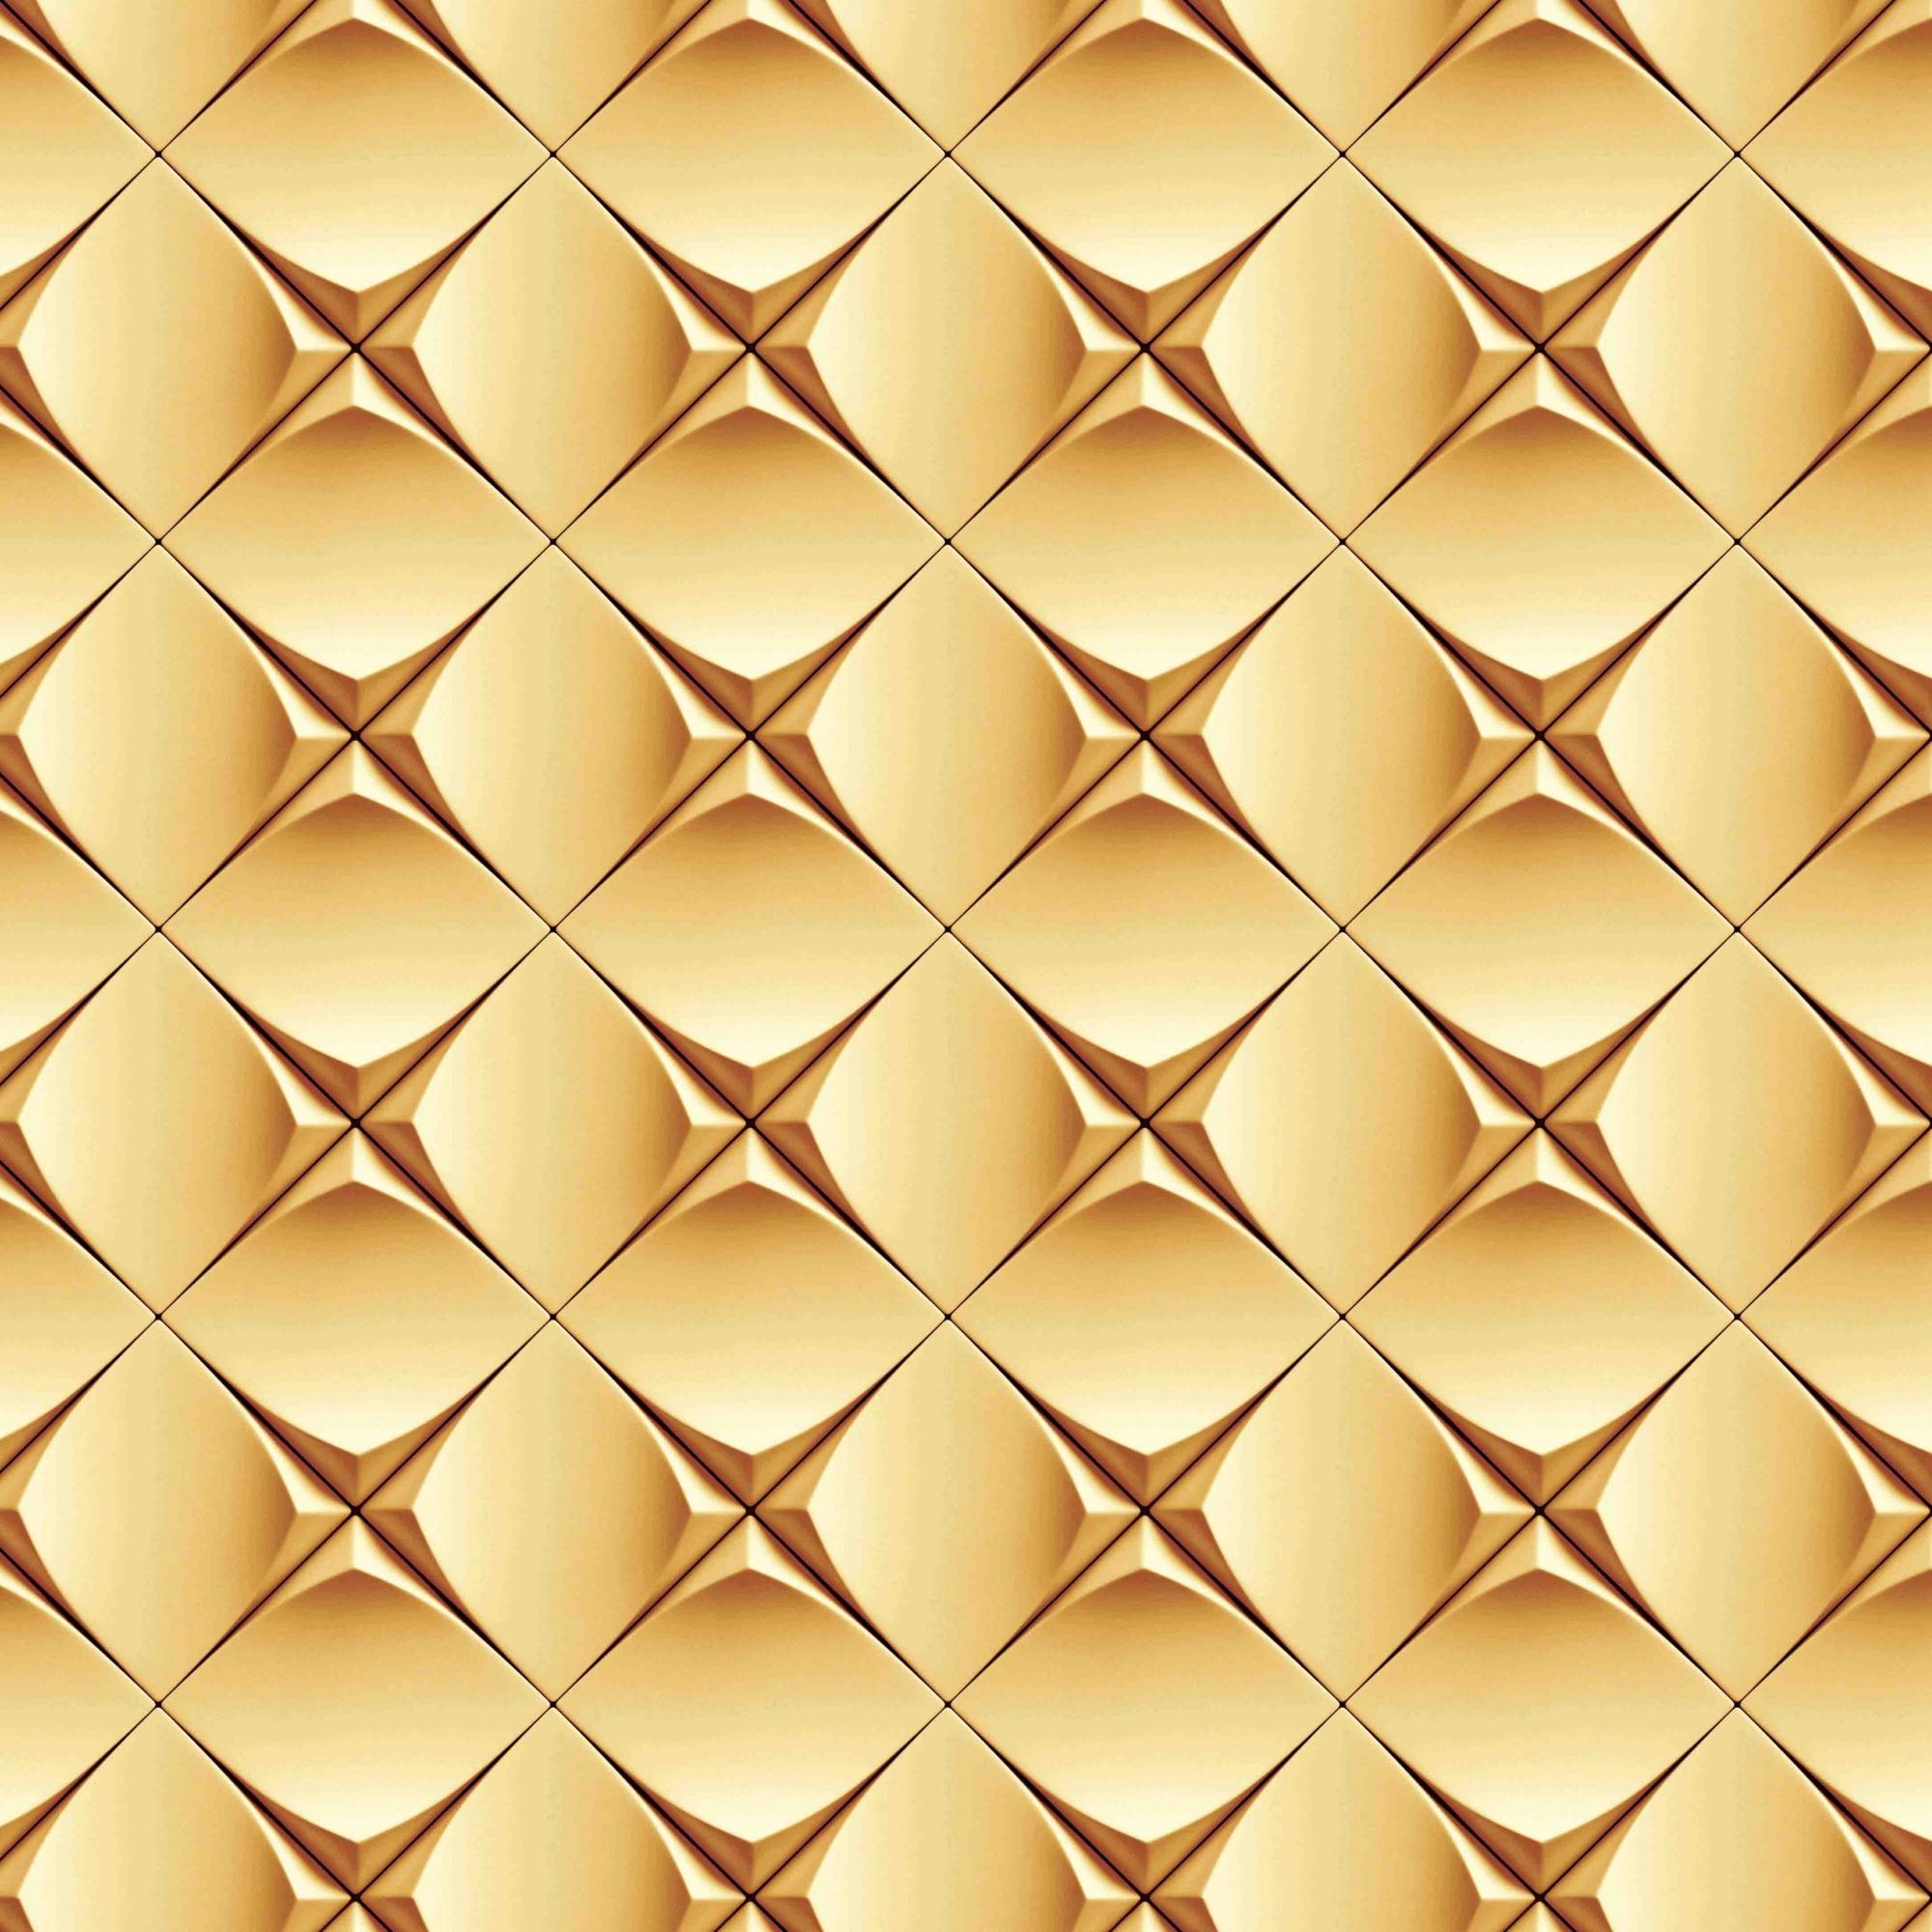 Papel de Parede Geométrico Dourado Efeito 3D